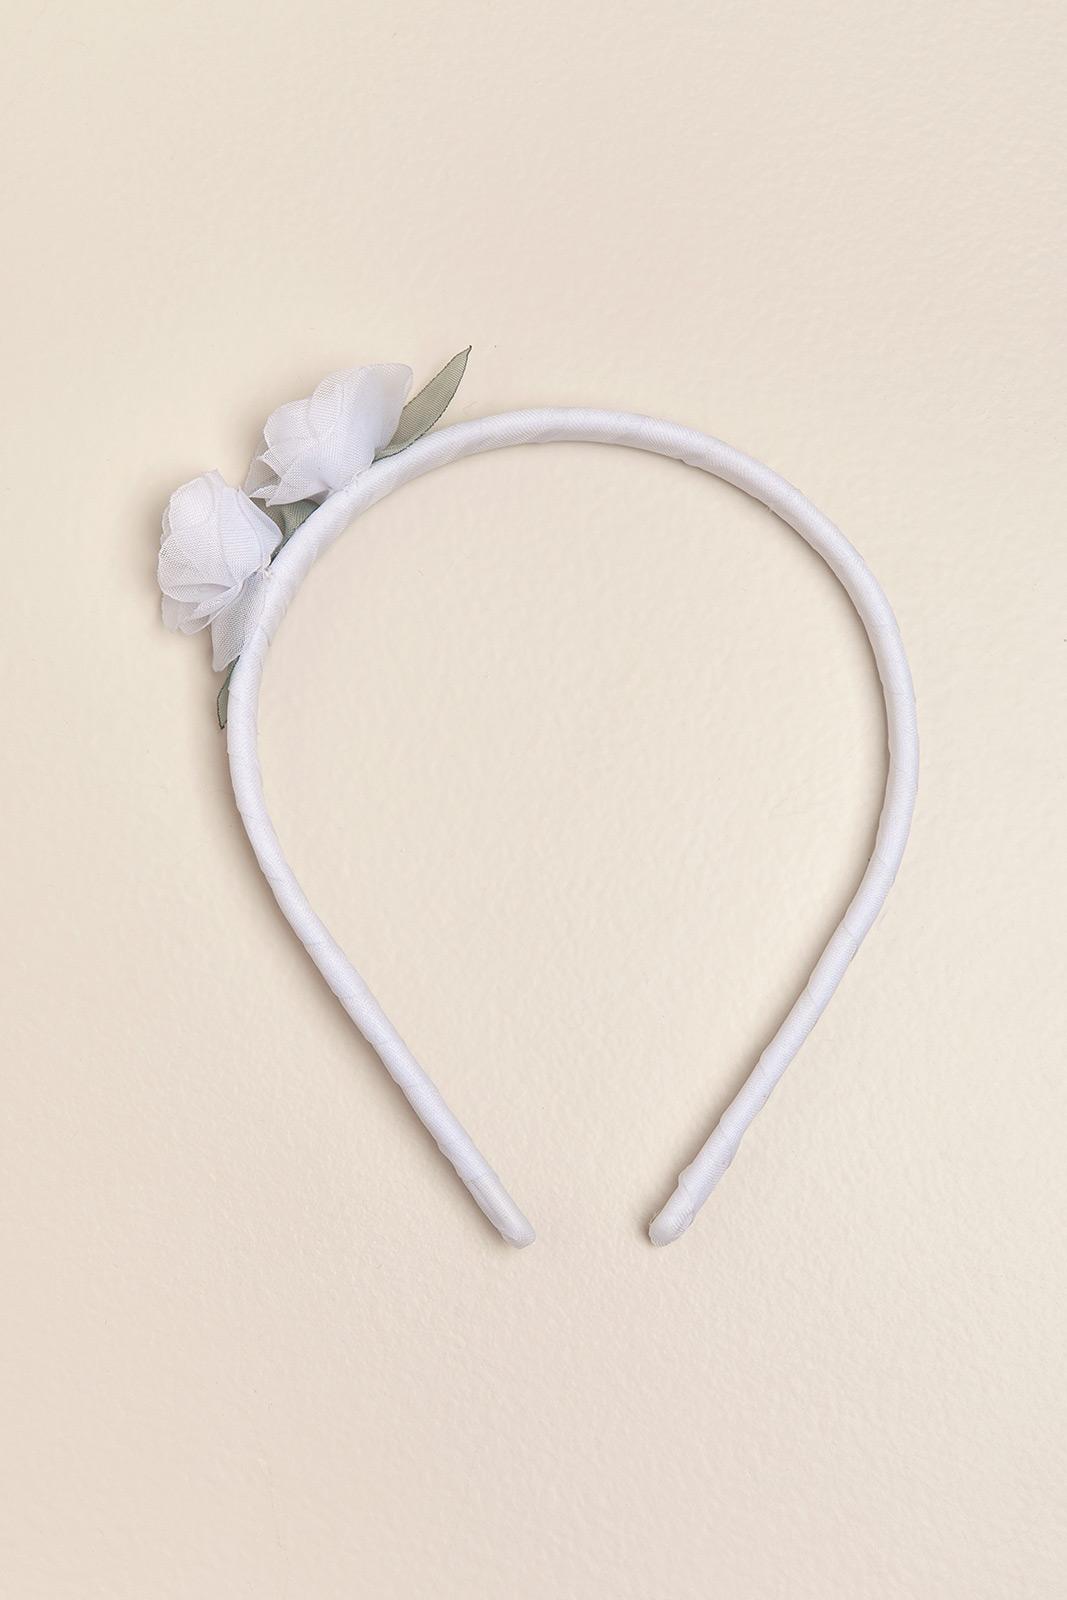 Vincha rigida con dos flores blanco